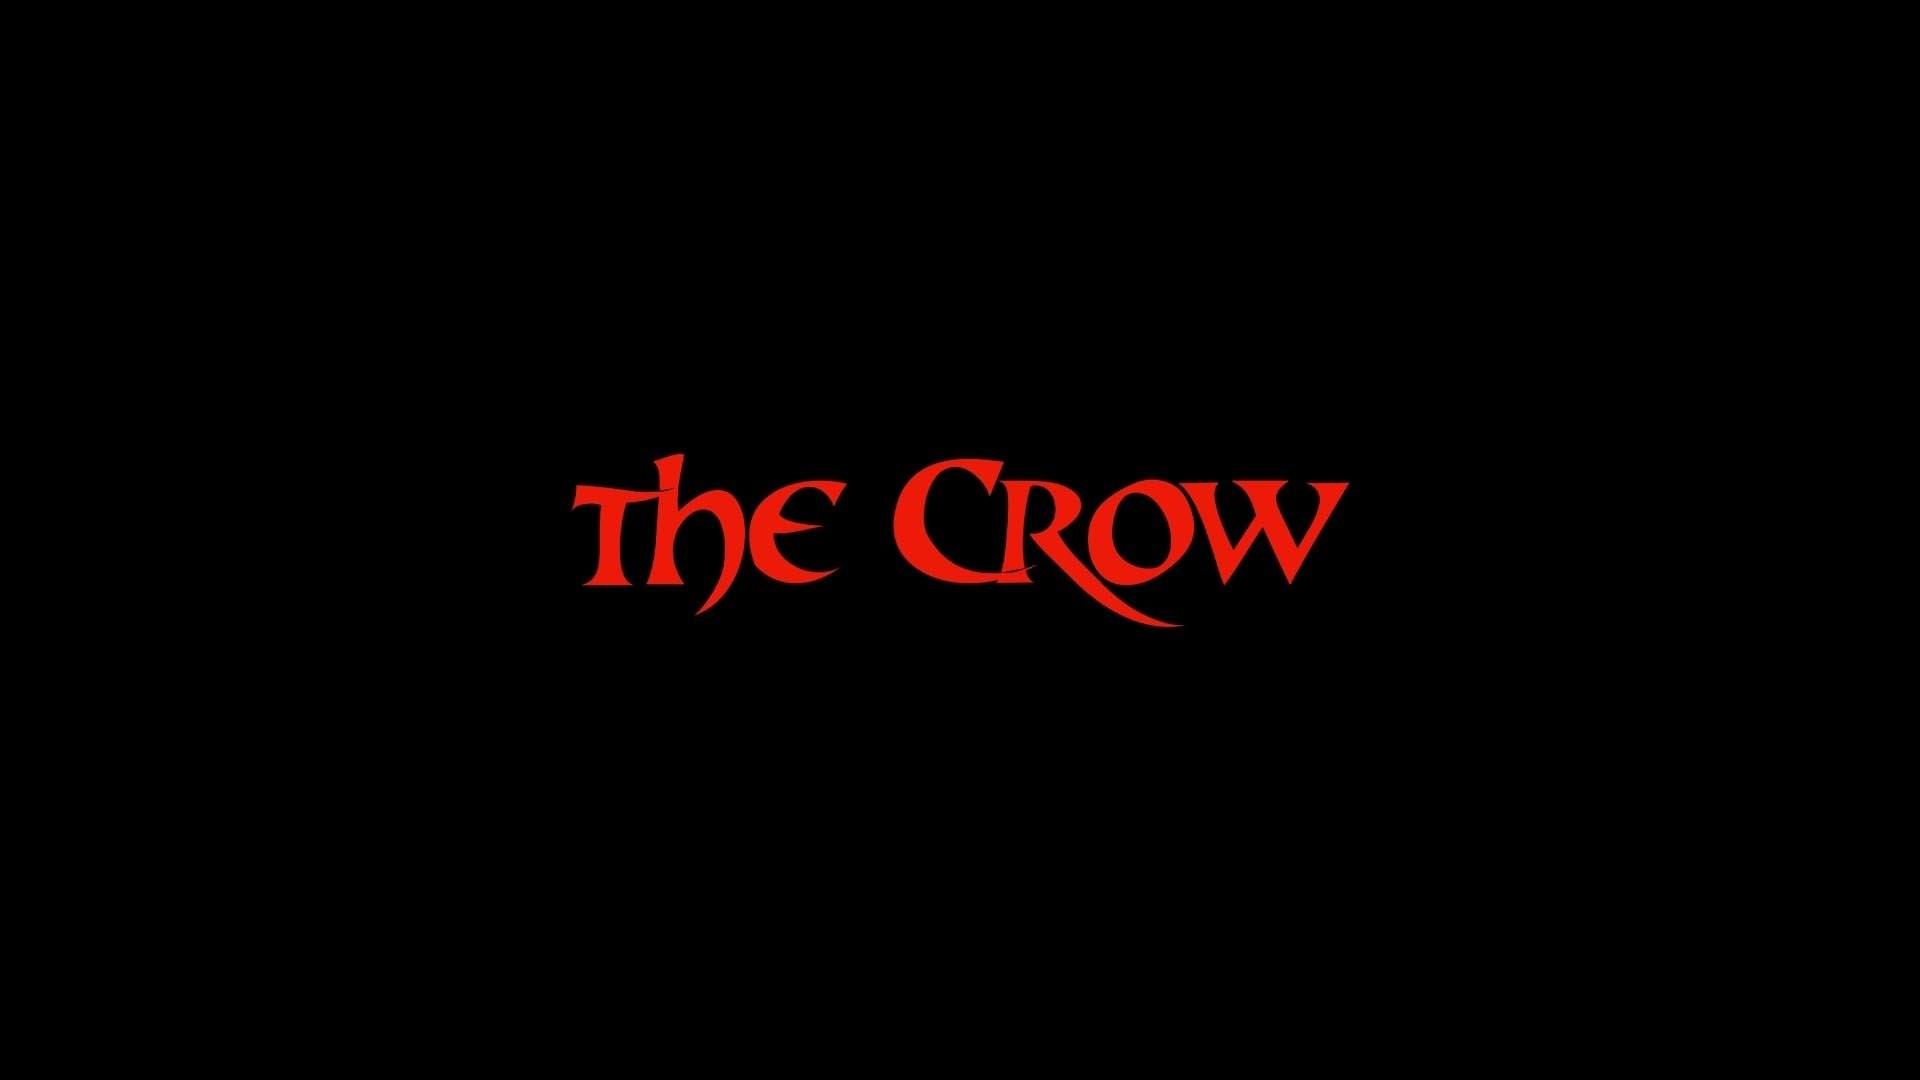 Cuervo Películas The Crow · Fondo de pantalla HD   Fondo de Escritorio  ID:523108